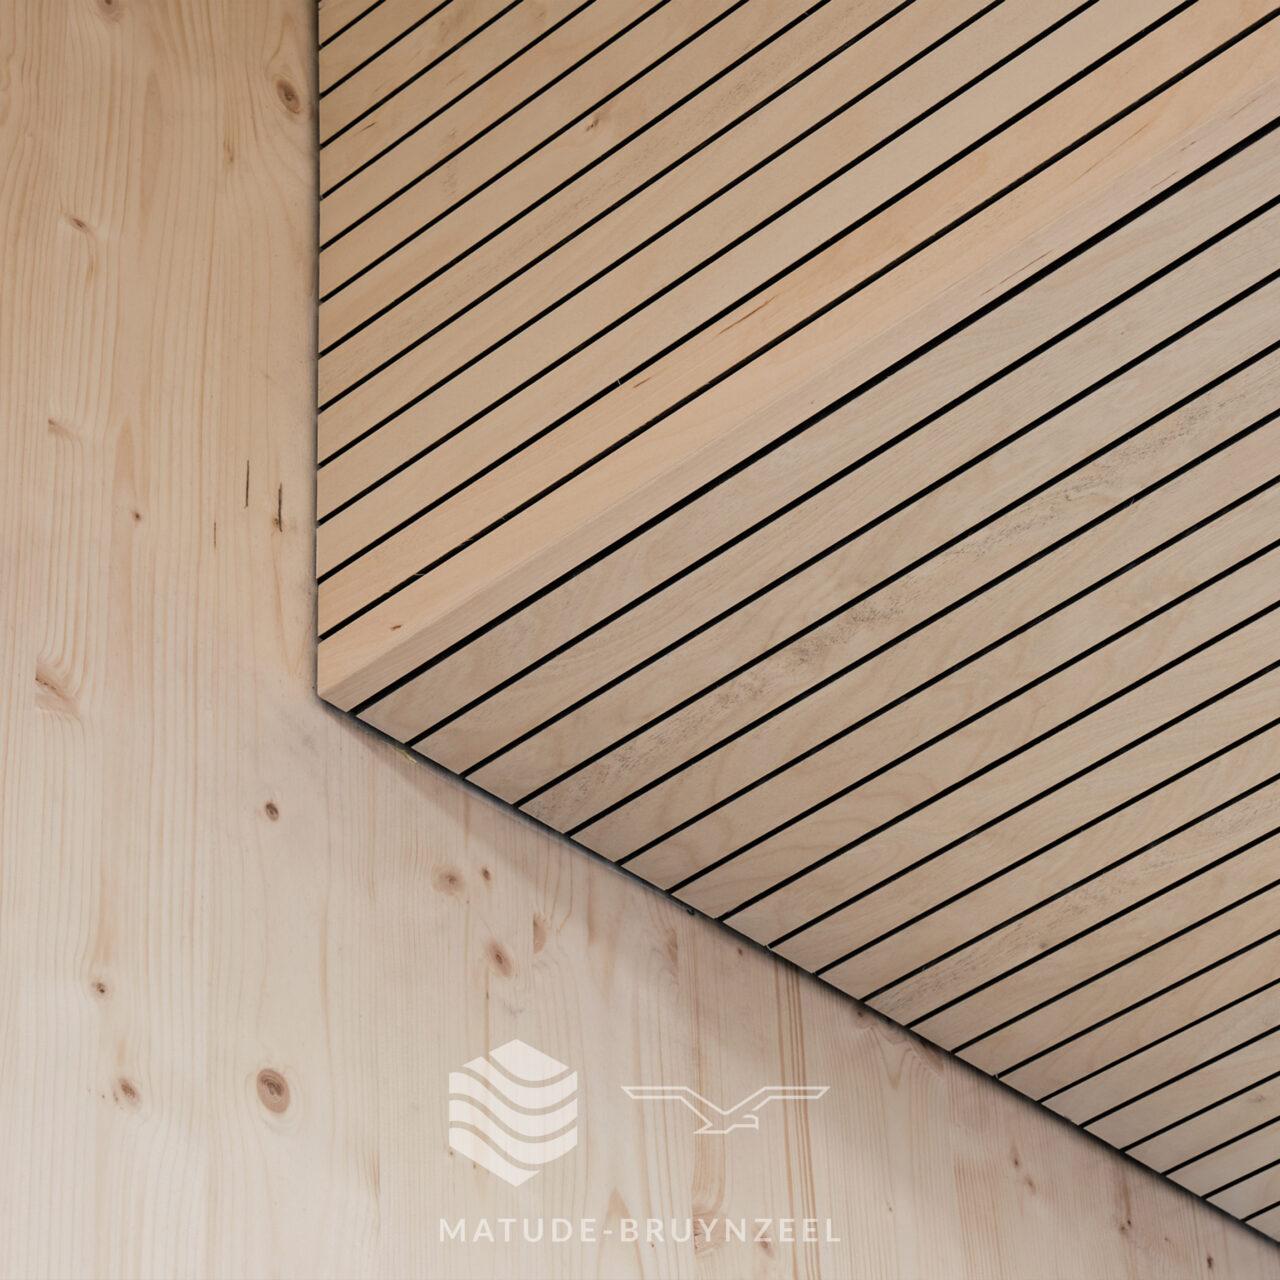 https://www.matude.nl/wp-content/uploads/2020/12/Matude_Bruynzeel_MFA_Voorn_Bruynzeel_Perfosound_Line_Akoestisch_Plafond_10-1280x1280.jpg